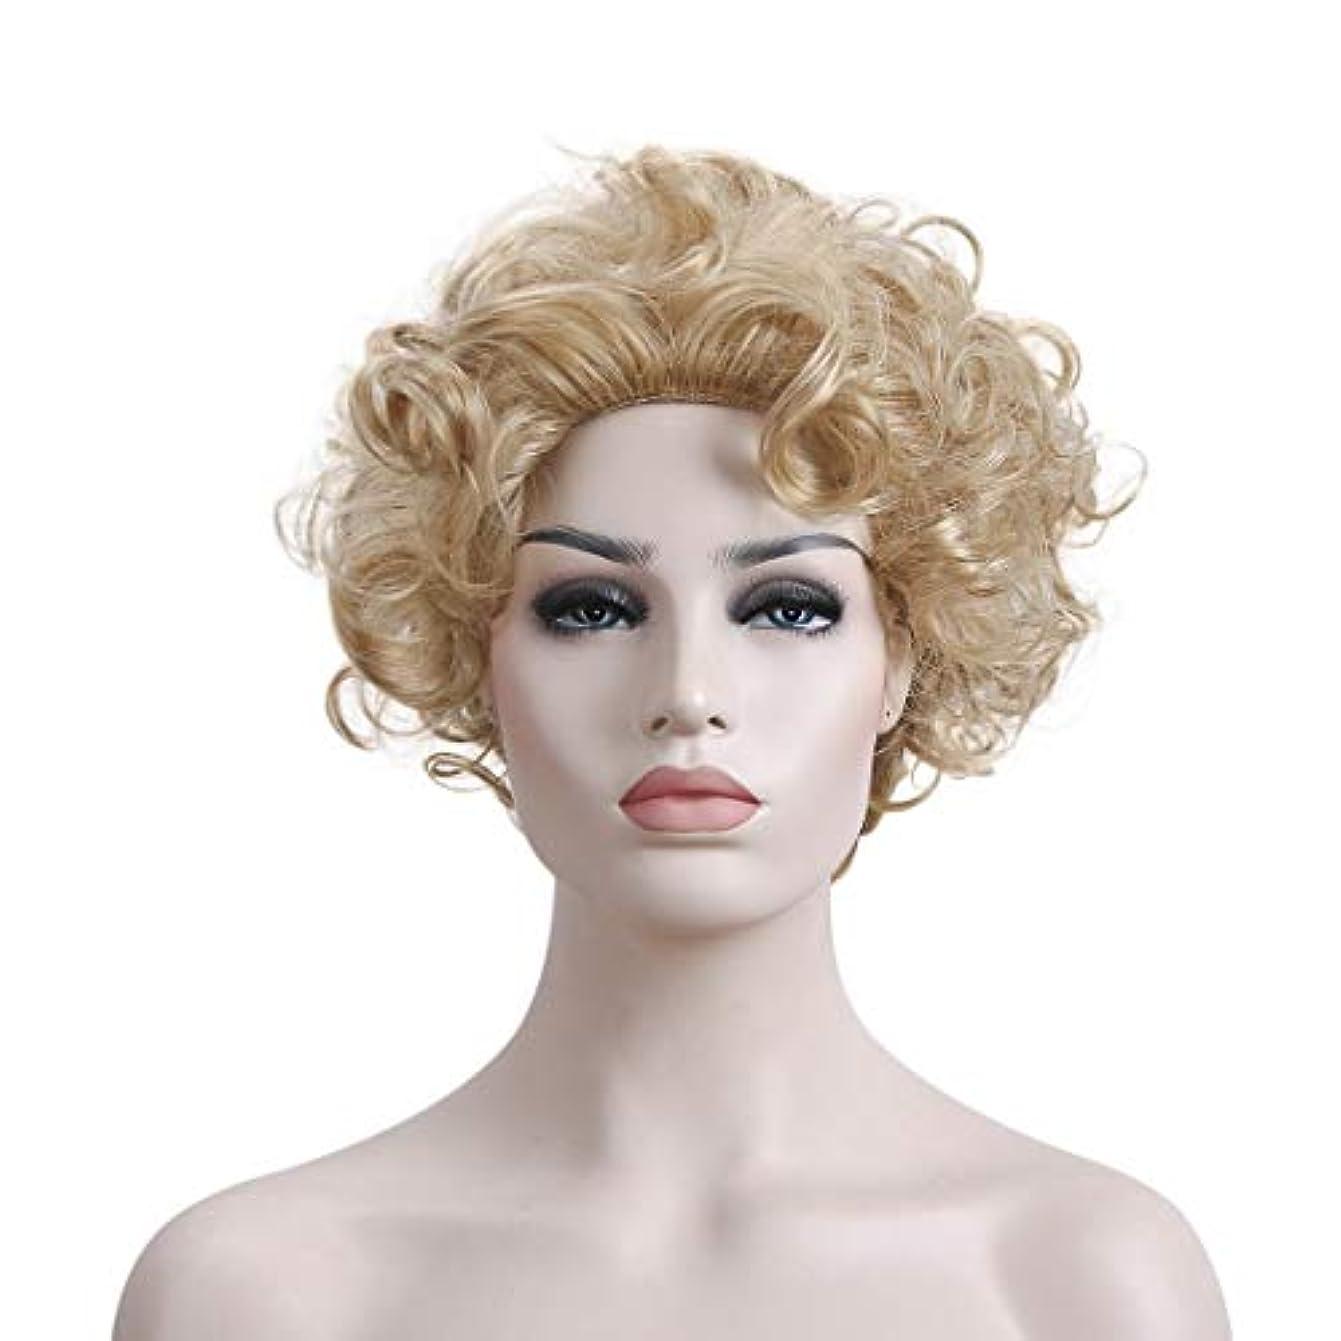 後方ソロ保有者YOUQIU 10インチホワイト女性金髪ボブウィッグ自然な熱のためのショートカーリーウィッグ性合成ファッションかつらウィッグ (色 : ゴールド, サイズ : 10